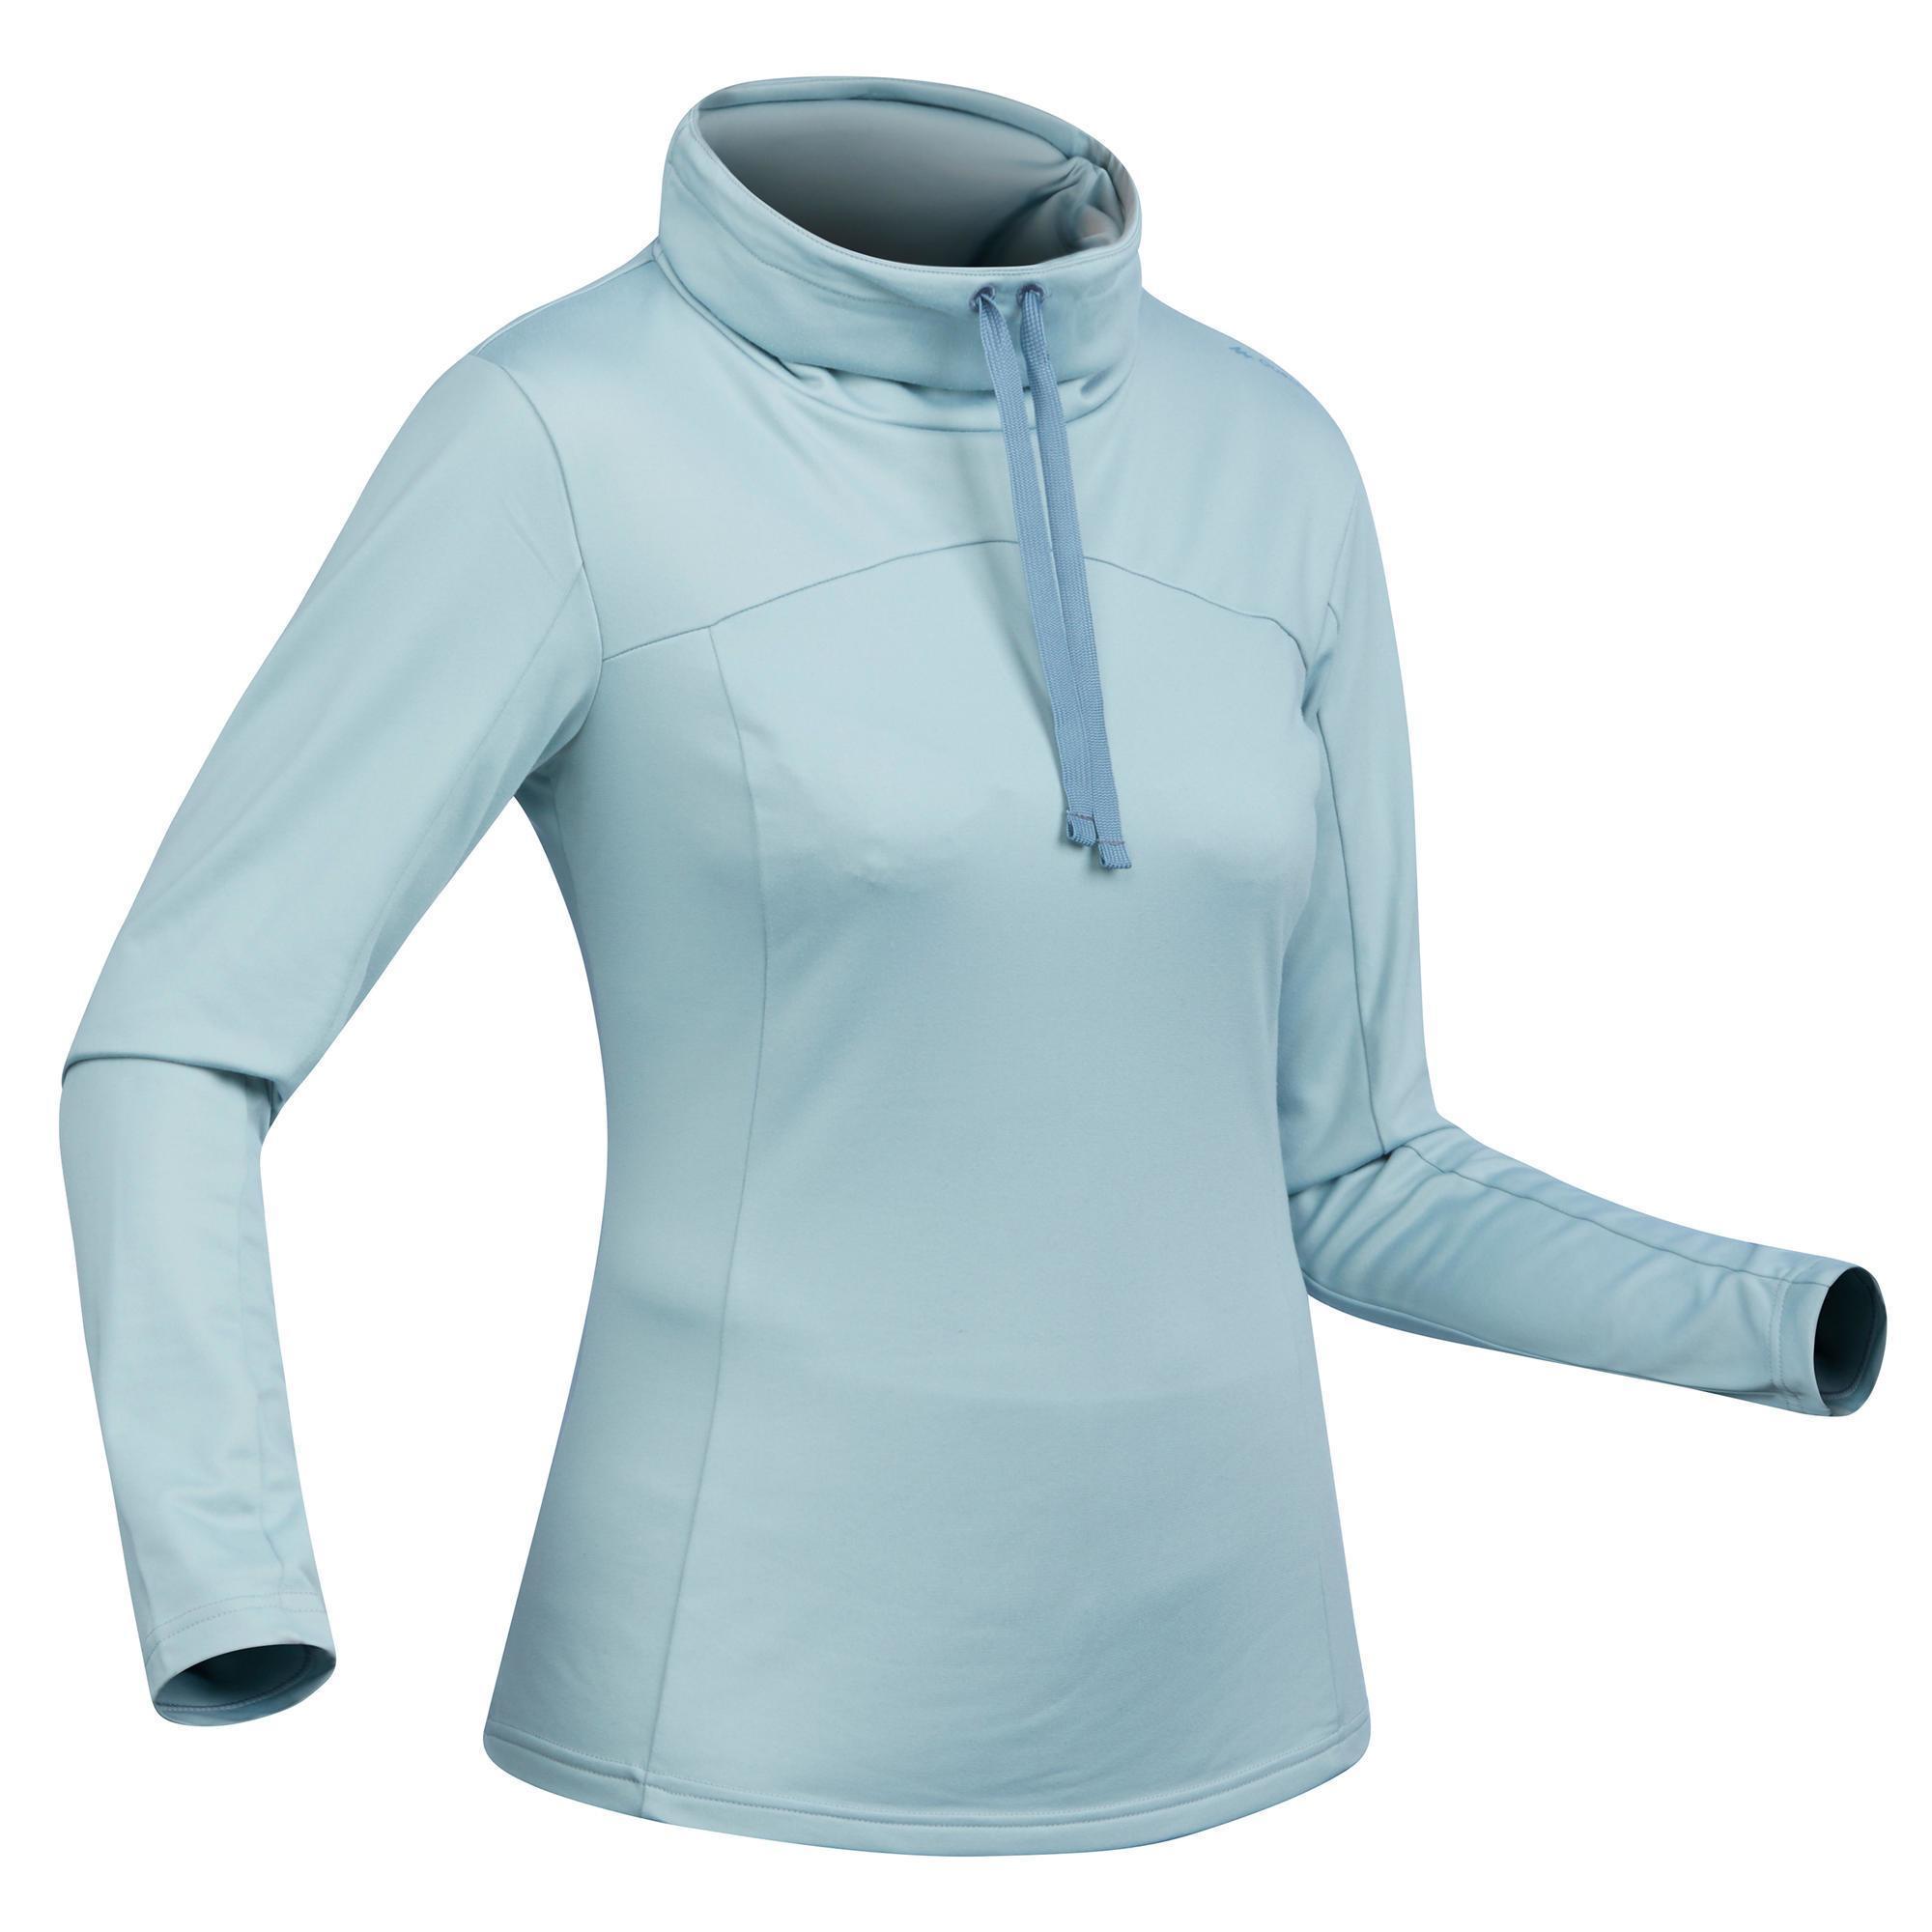 Quechua T-shirt voor wandelen in de sneeuw dames SH100 warm